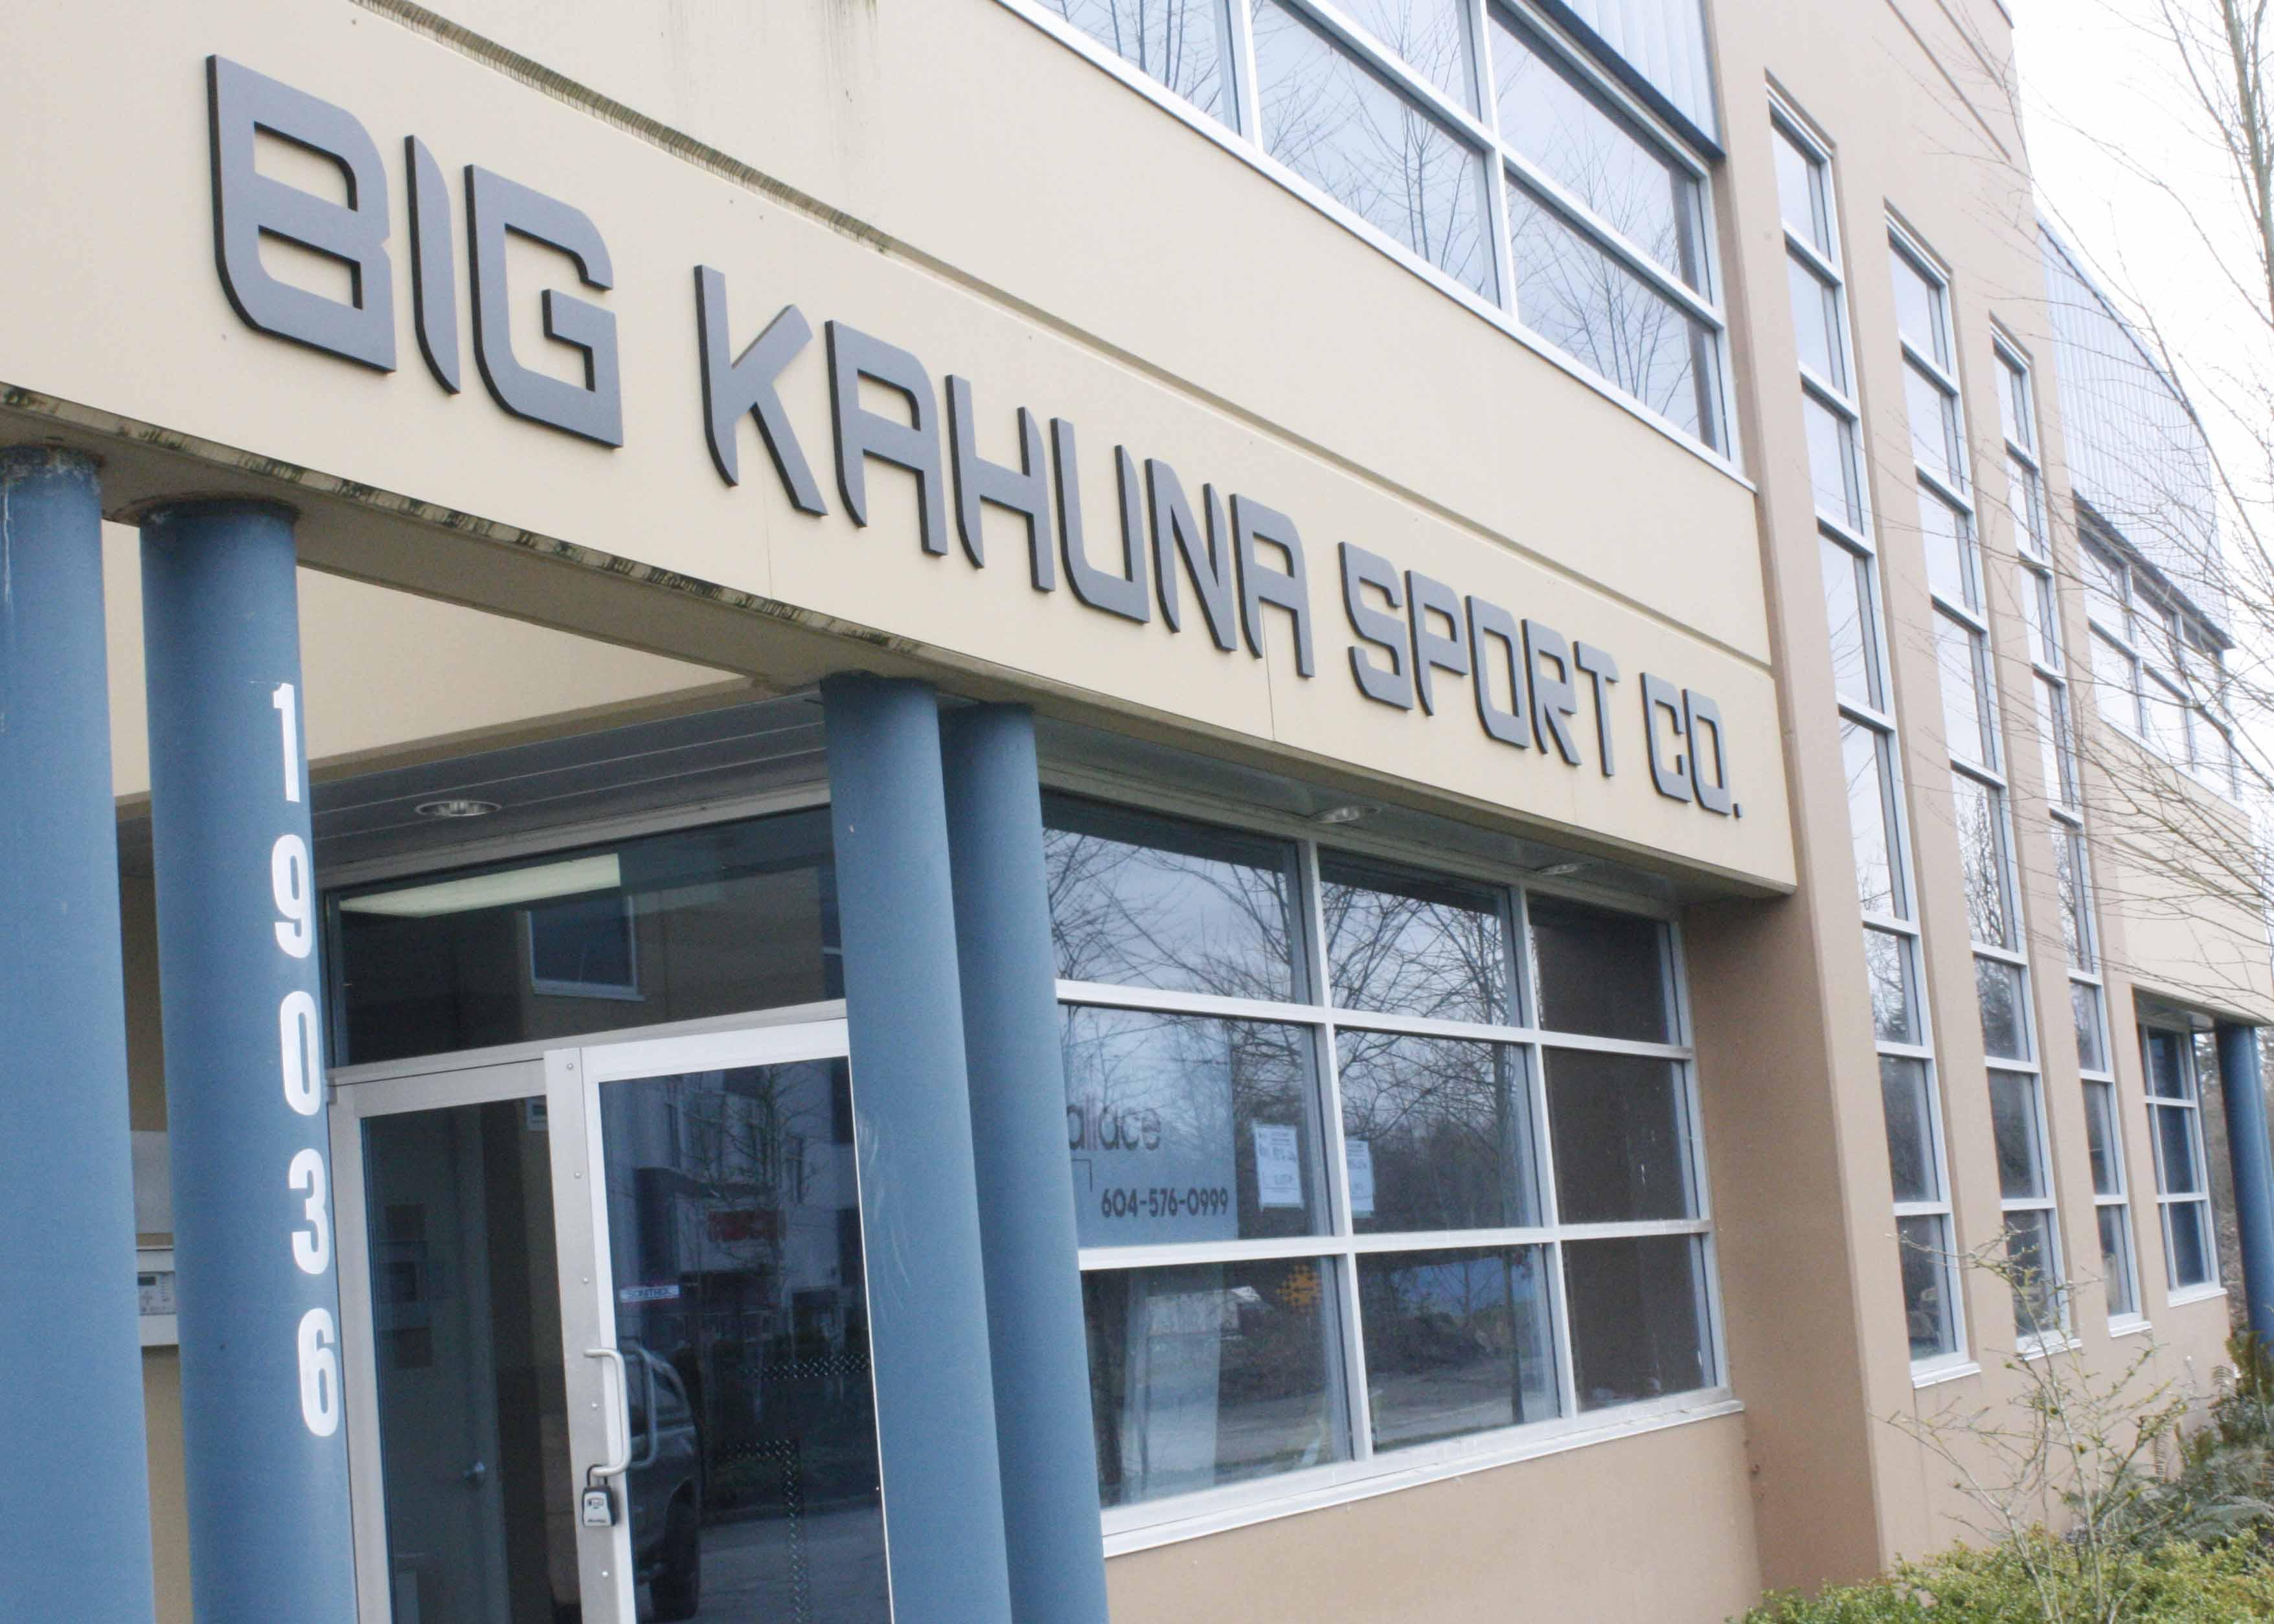 Big Kahuna exterior sign